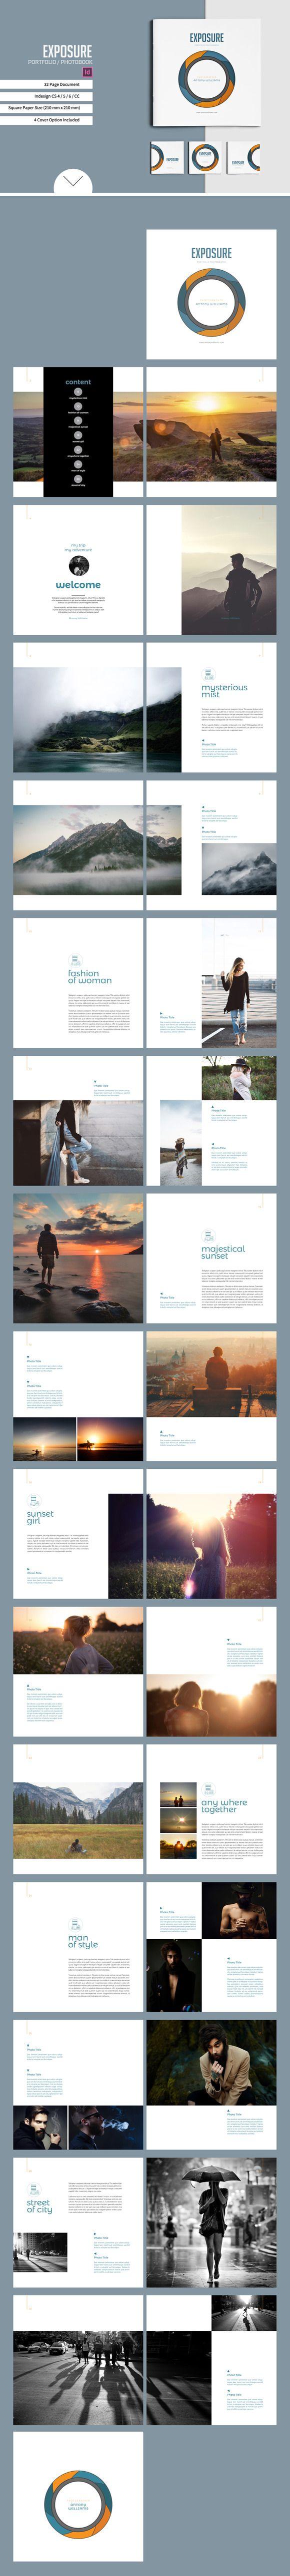 Square Brochure / Portfolio Template by tujuhbenua on @creativemarket